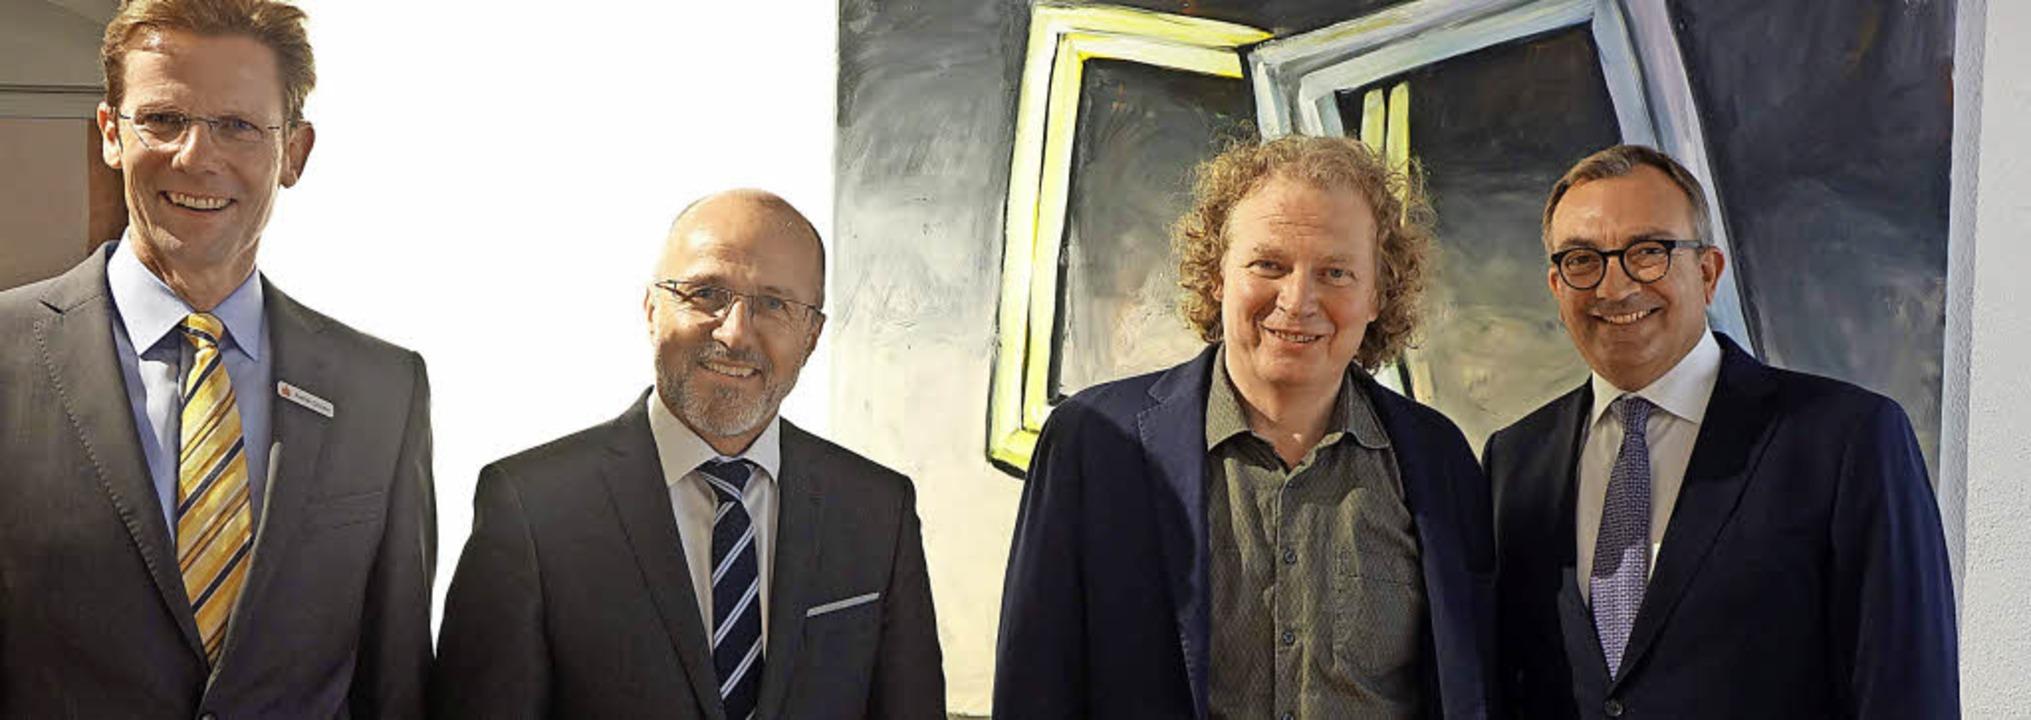 Kunstpreisträger Peter Bosshart (Zweit...Preisträgerausstellung im Stapflehus.   | Foto: Roswitha Frey